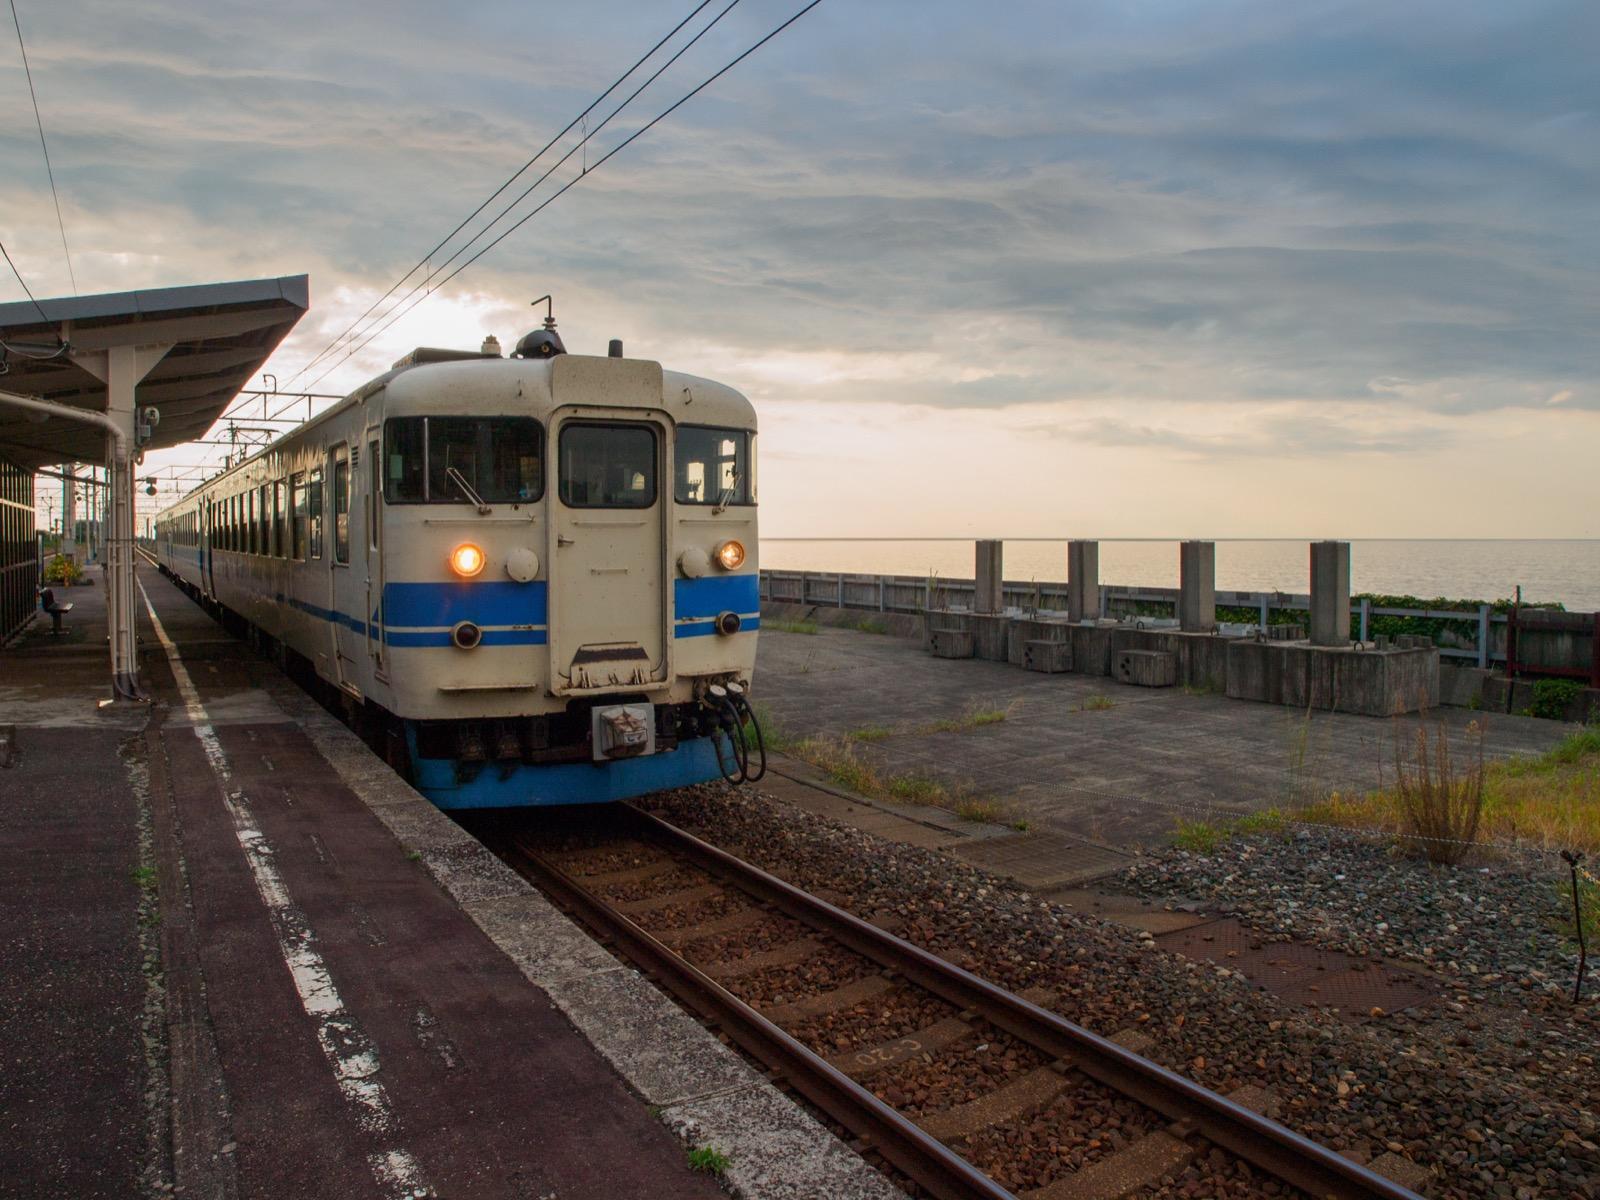 市振駅のホームに到着する旧JR北陸本線の電車